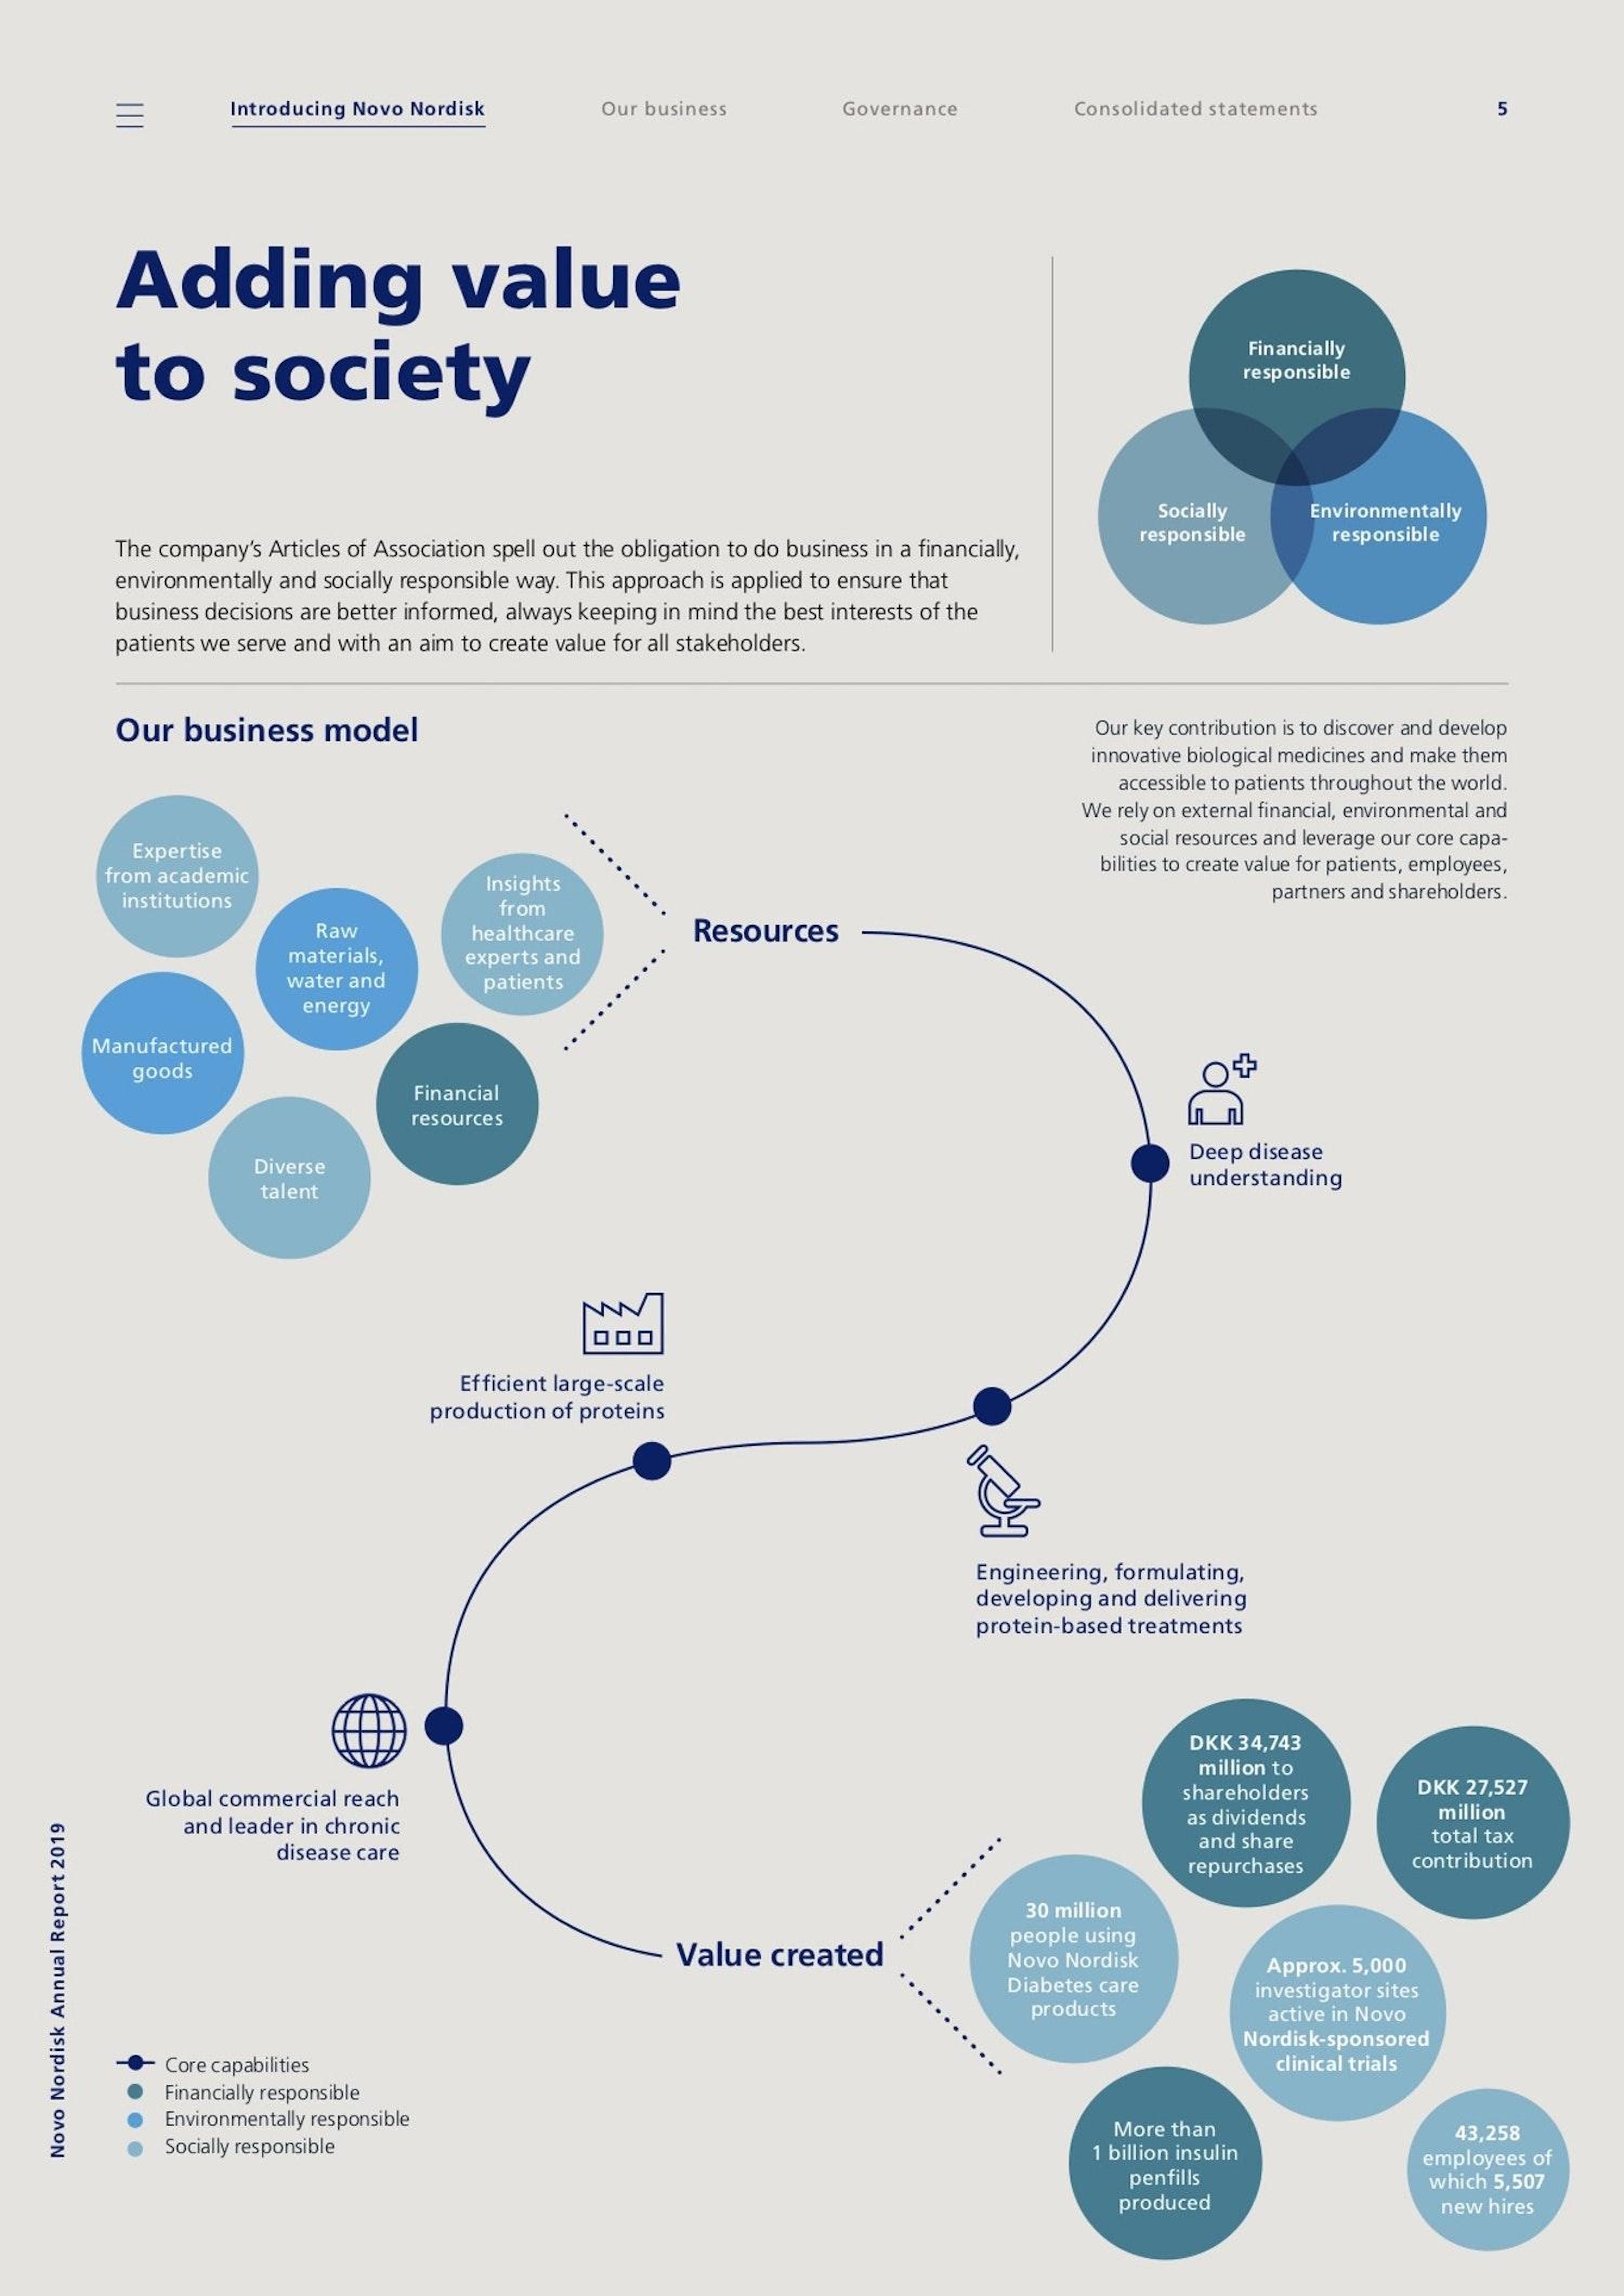 Novo Nordisk business model